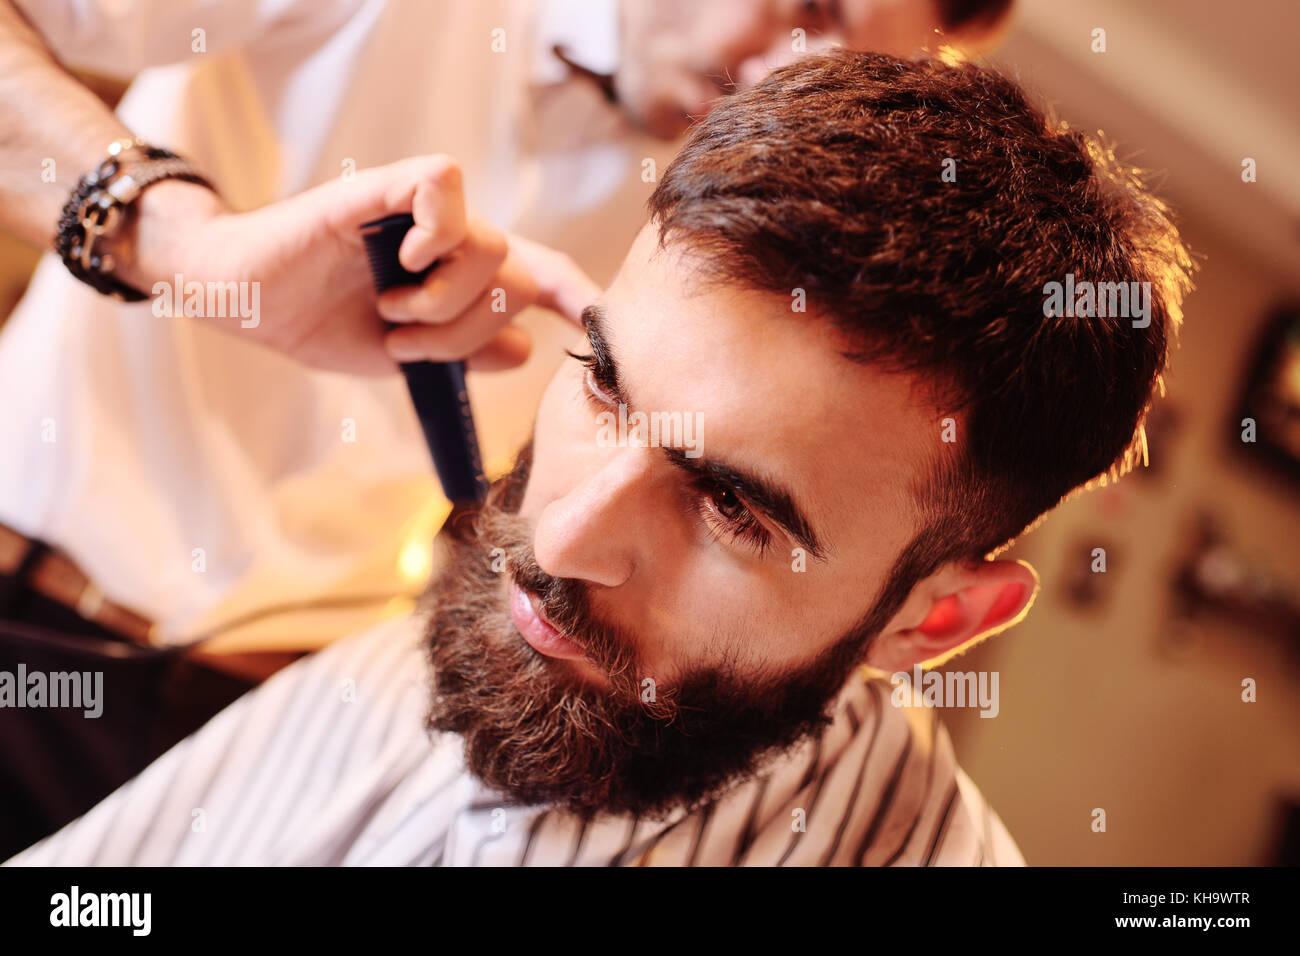 Coiffure Salon de coiffure ou une coiffure ne au client Photo Stock